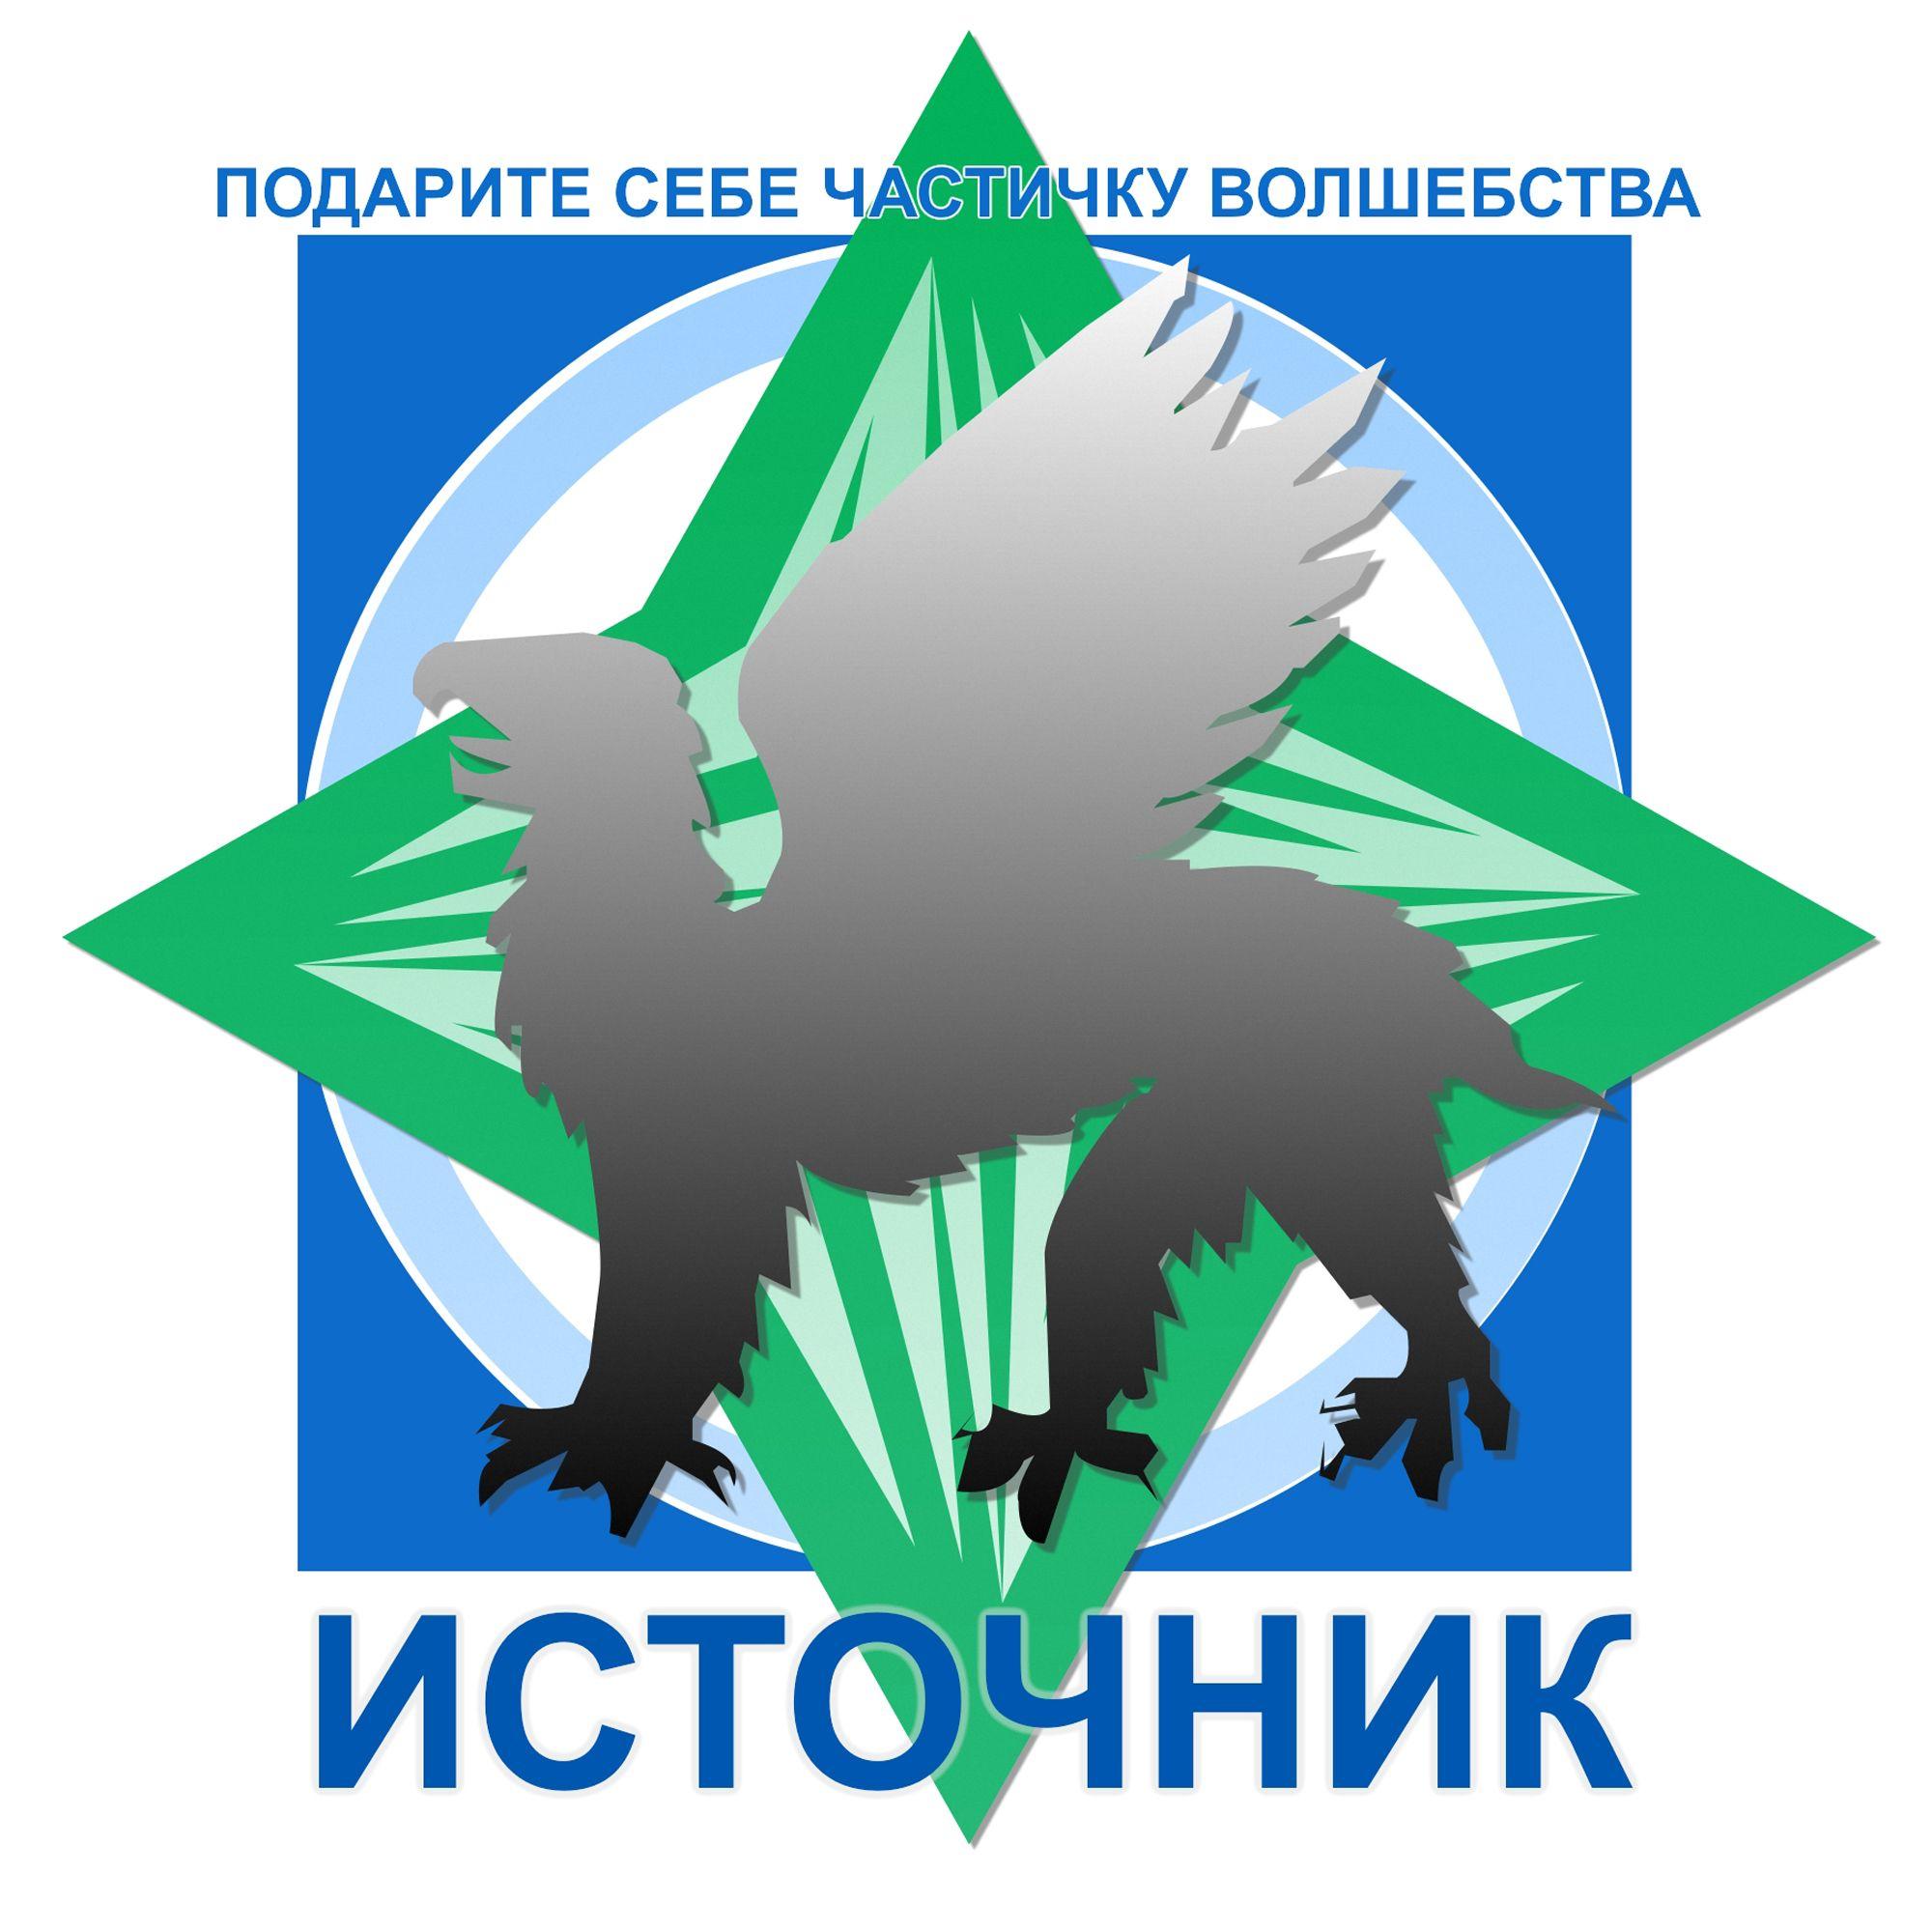 Логотип для магазина Украшений из Фильмов - дизайнер olga-bel